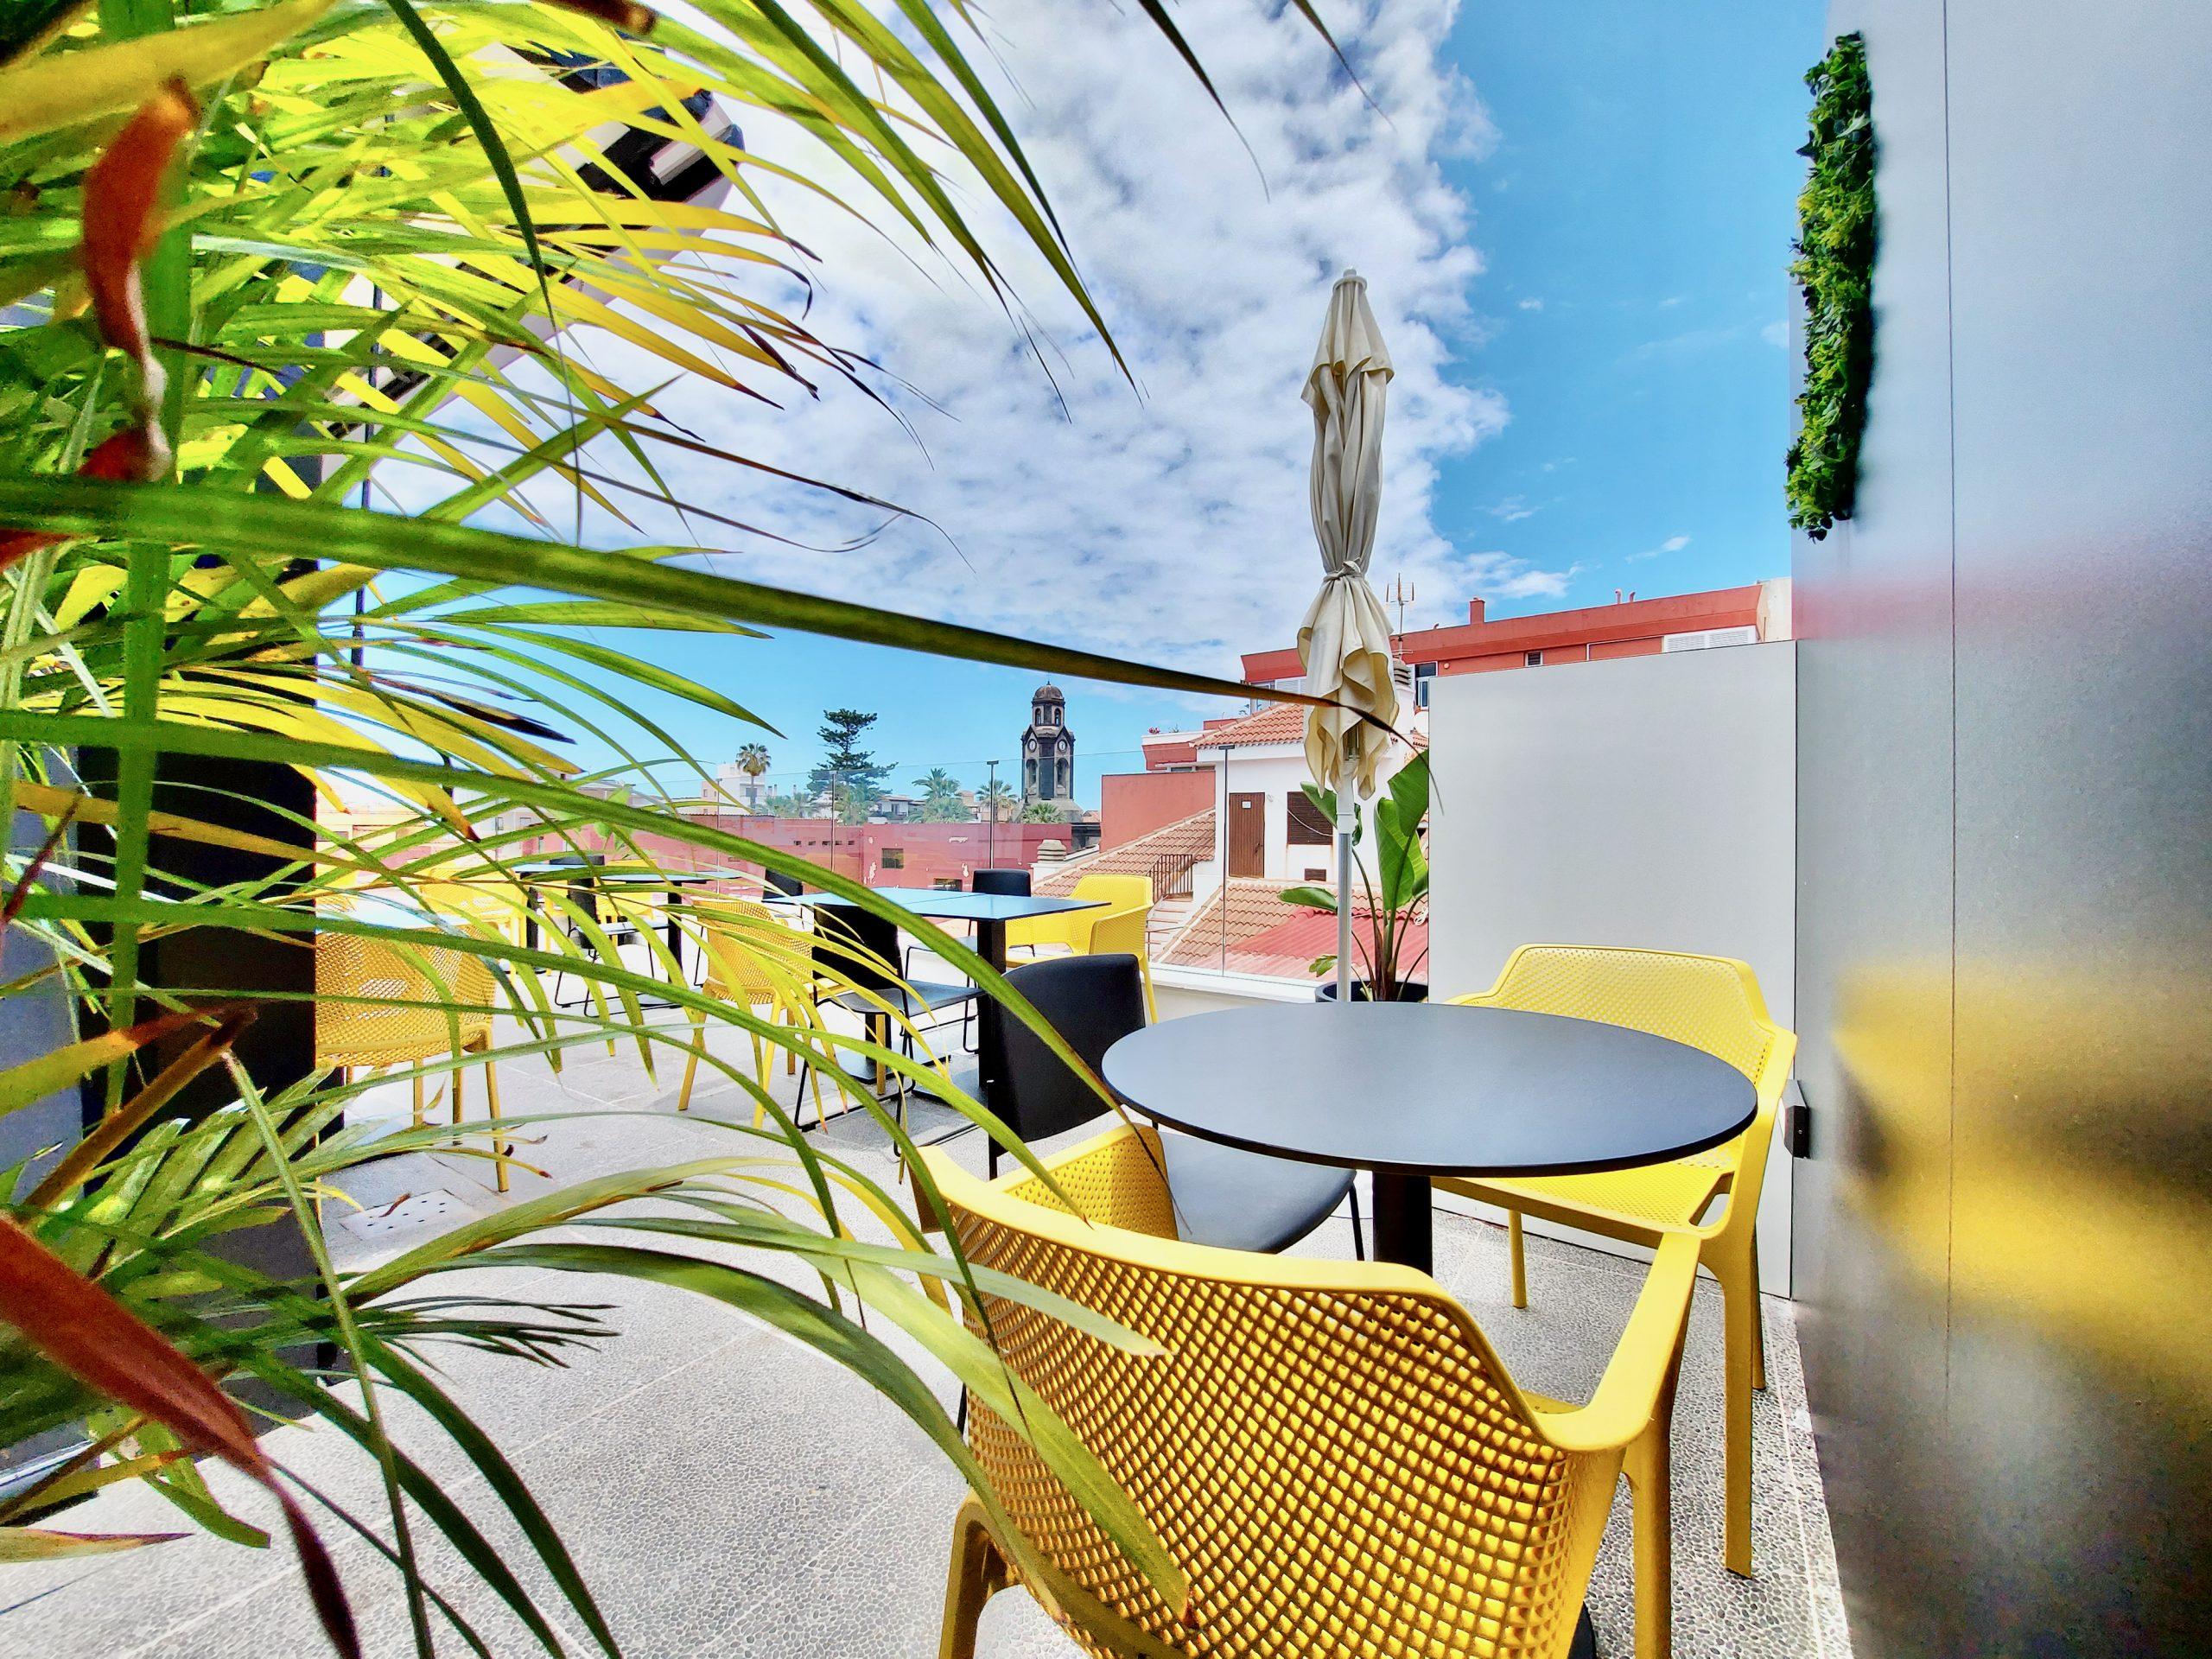 Café Caramba rooftop